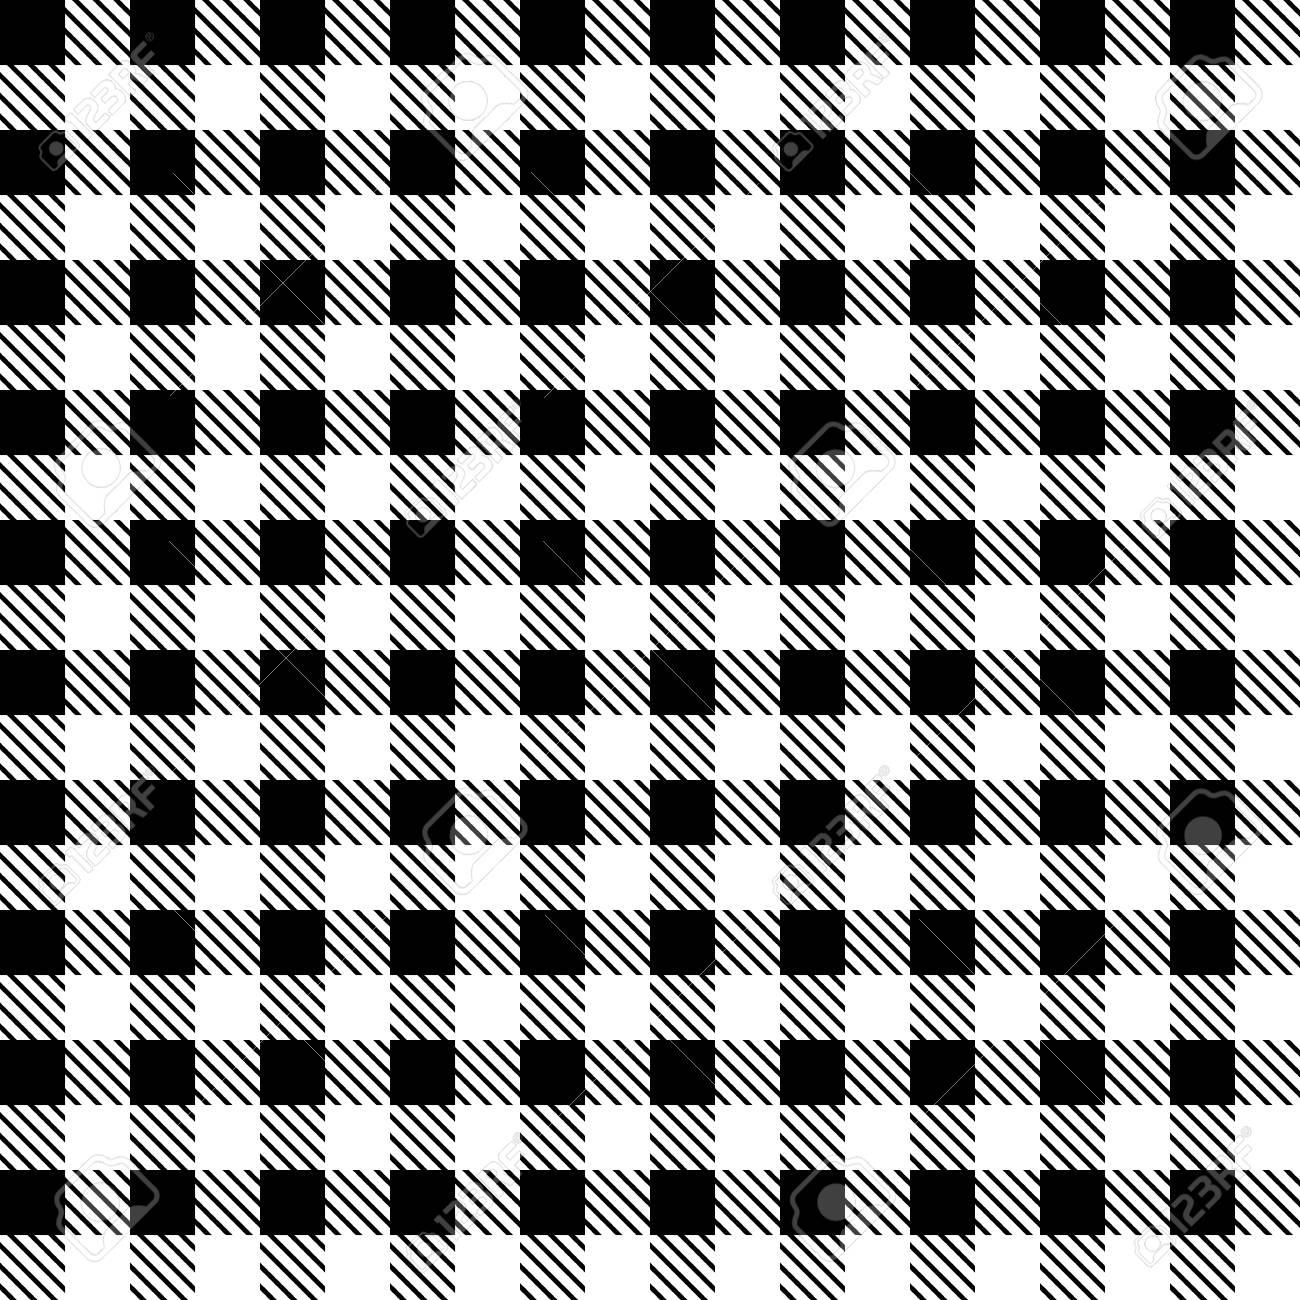 Cuadro Negro Y Blanco